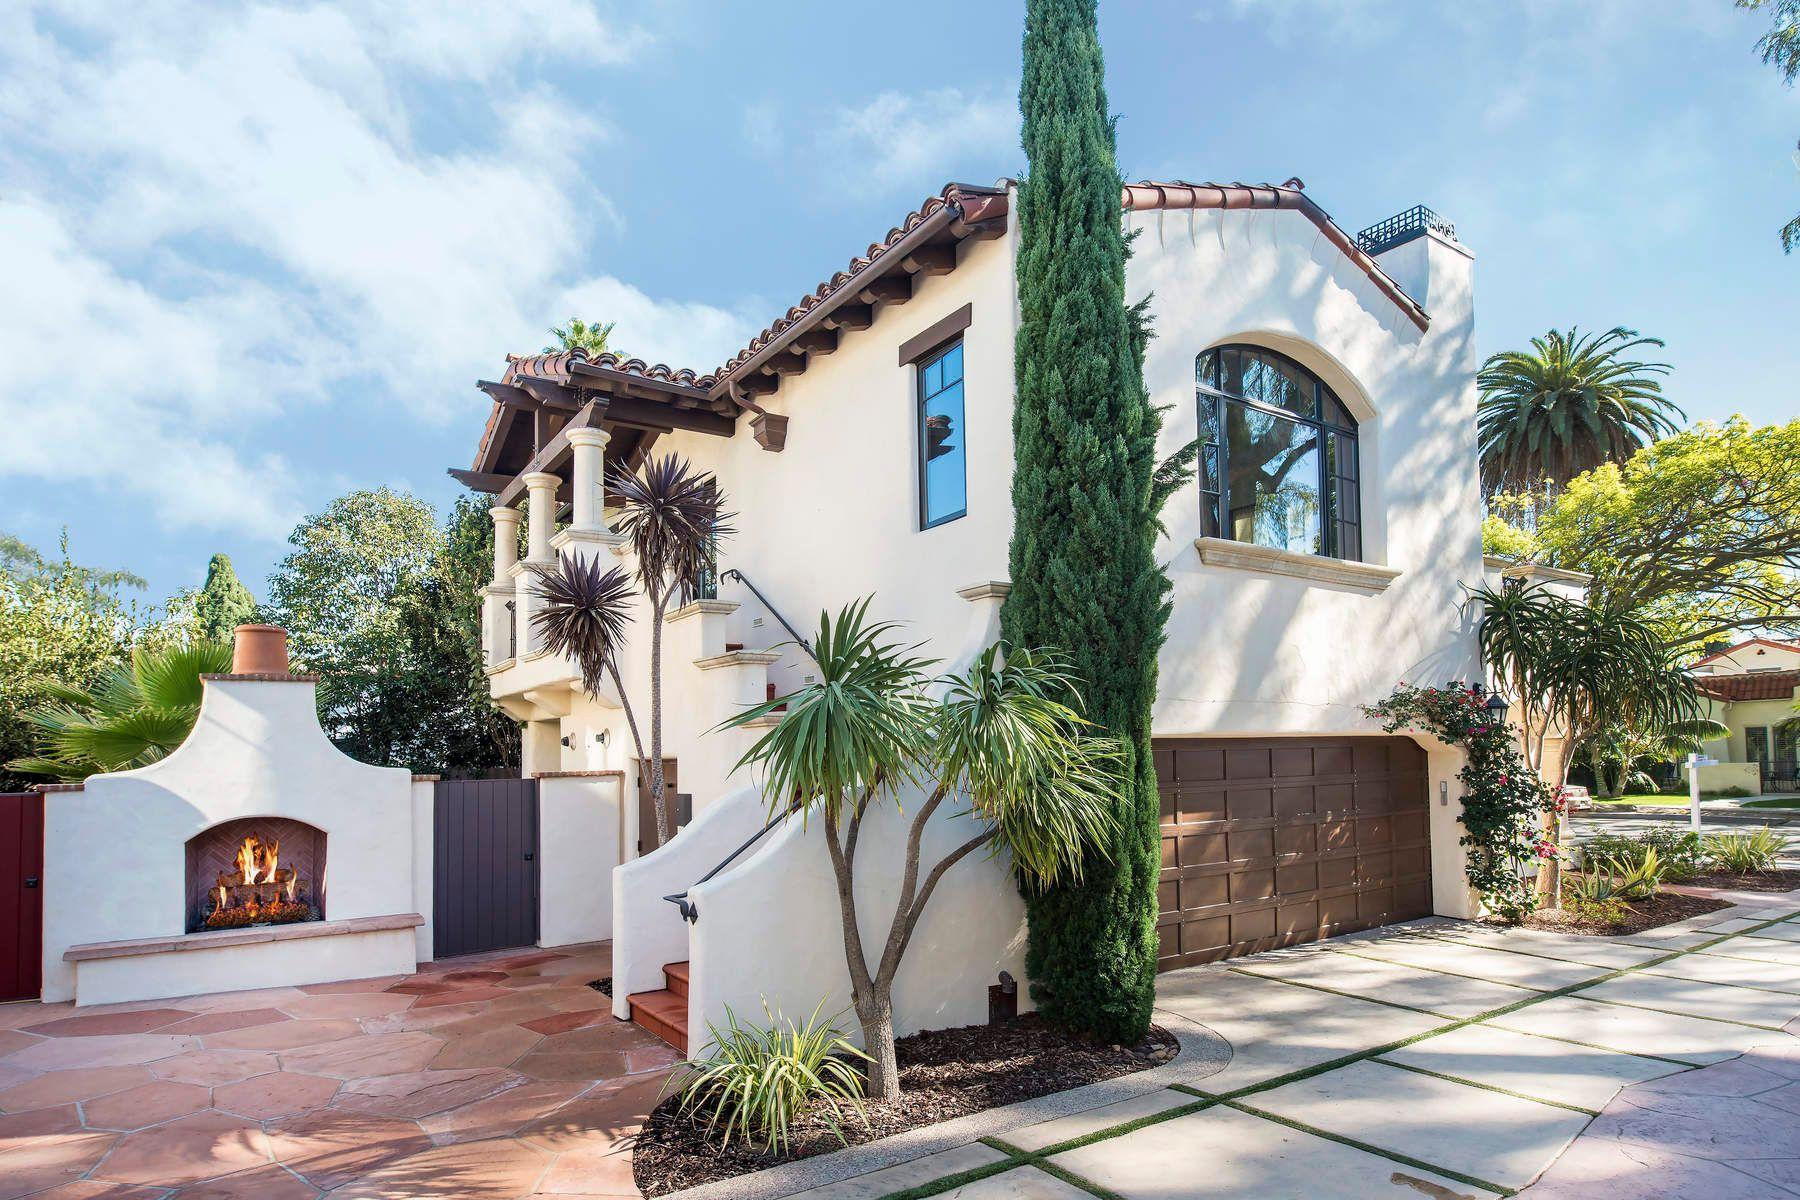 콘도미니엄 용 매매 에 West Beach Rare Opportunity 220 West Yanonali Street, West Beach, Santa Barbara, 캘리포니아, 93101 미국